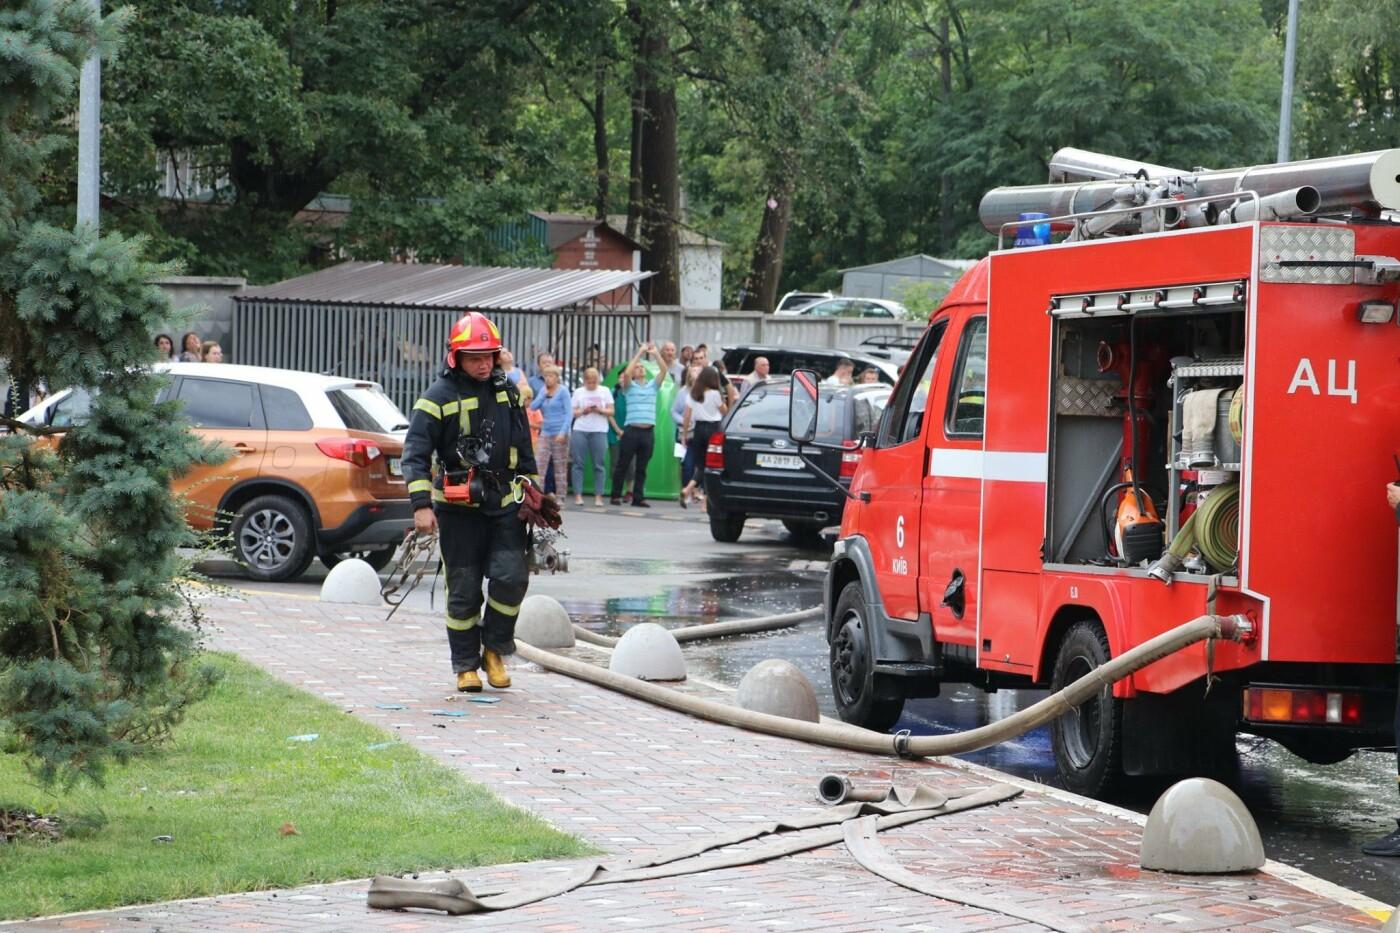 В Киеве во время пожара в многоэтажке заживо сгорел мужчина - ФОТО, фото-6